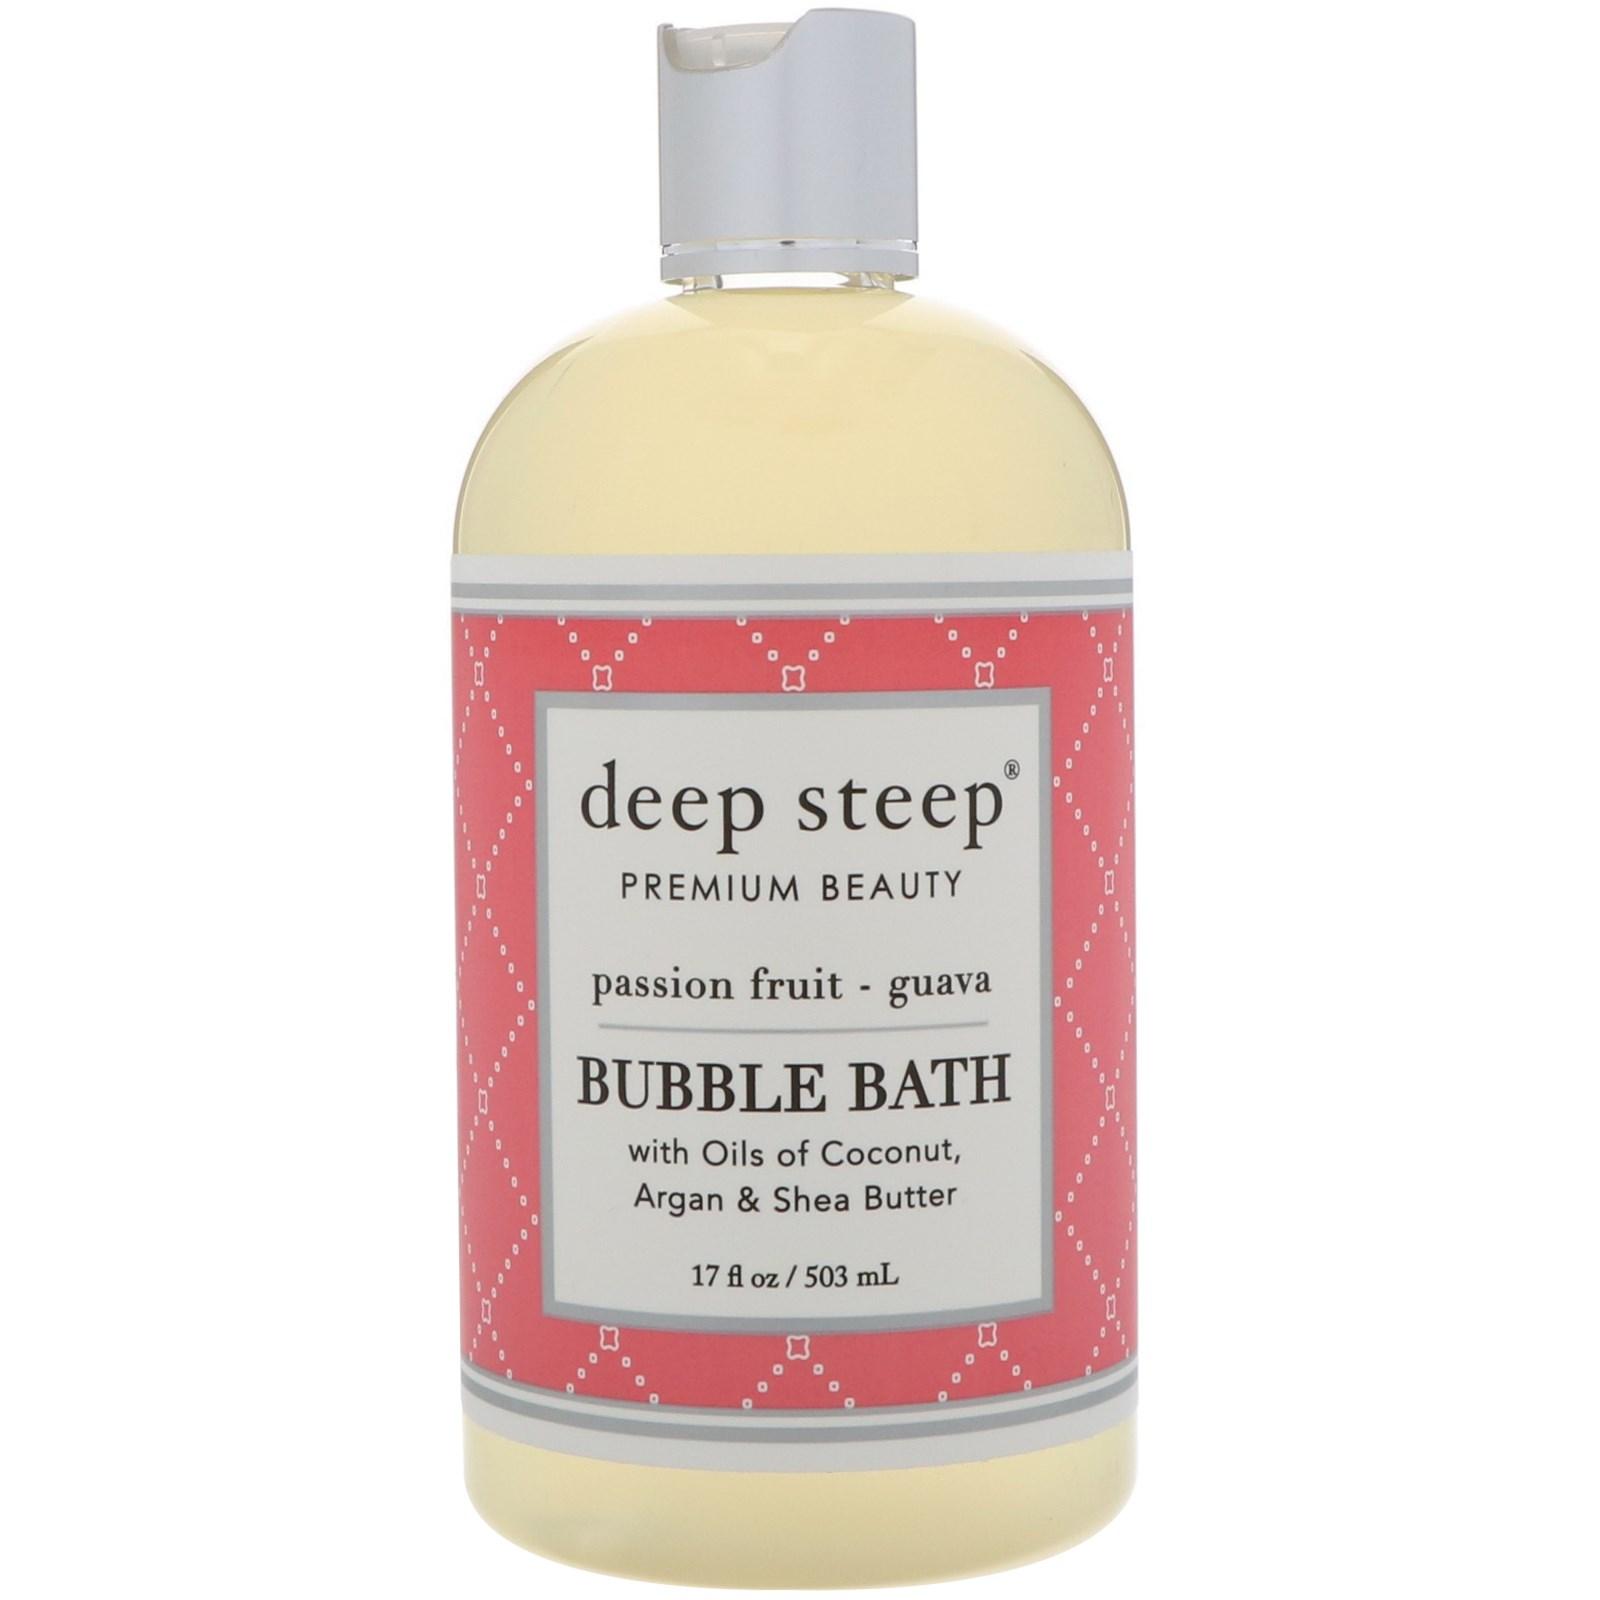 Deep Steep, Bubble Bath, Passion Fruit - Guava, 17 fl oz  (503 ml)